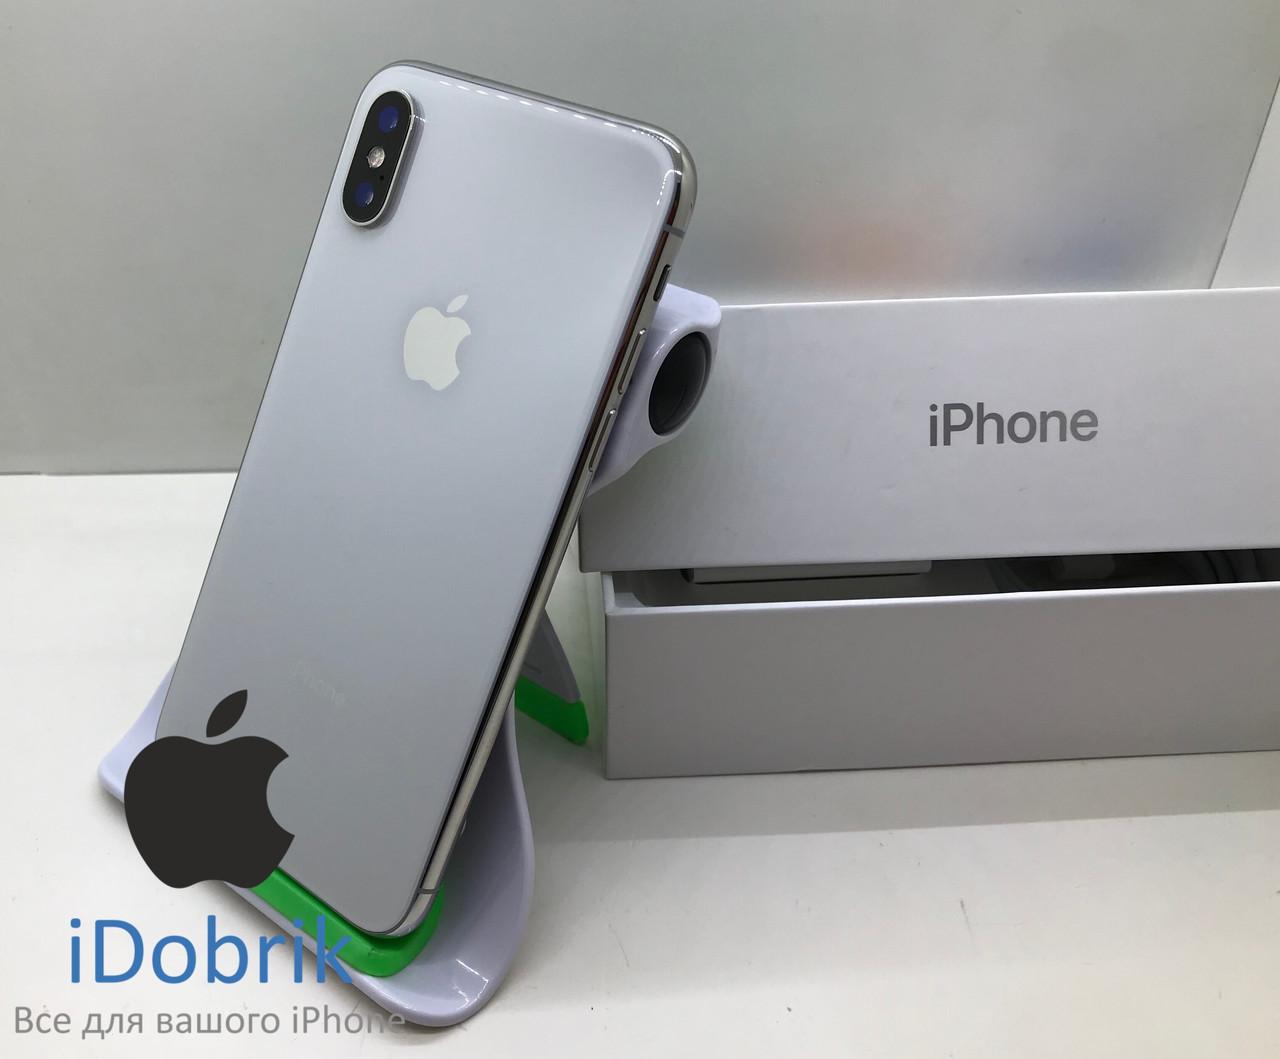 Б/У iPhone X 64gb Silver Neverlock 10/10